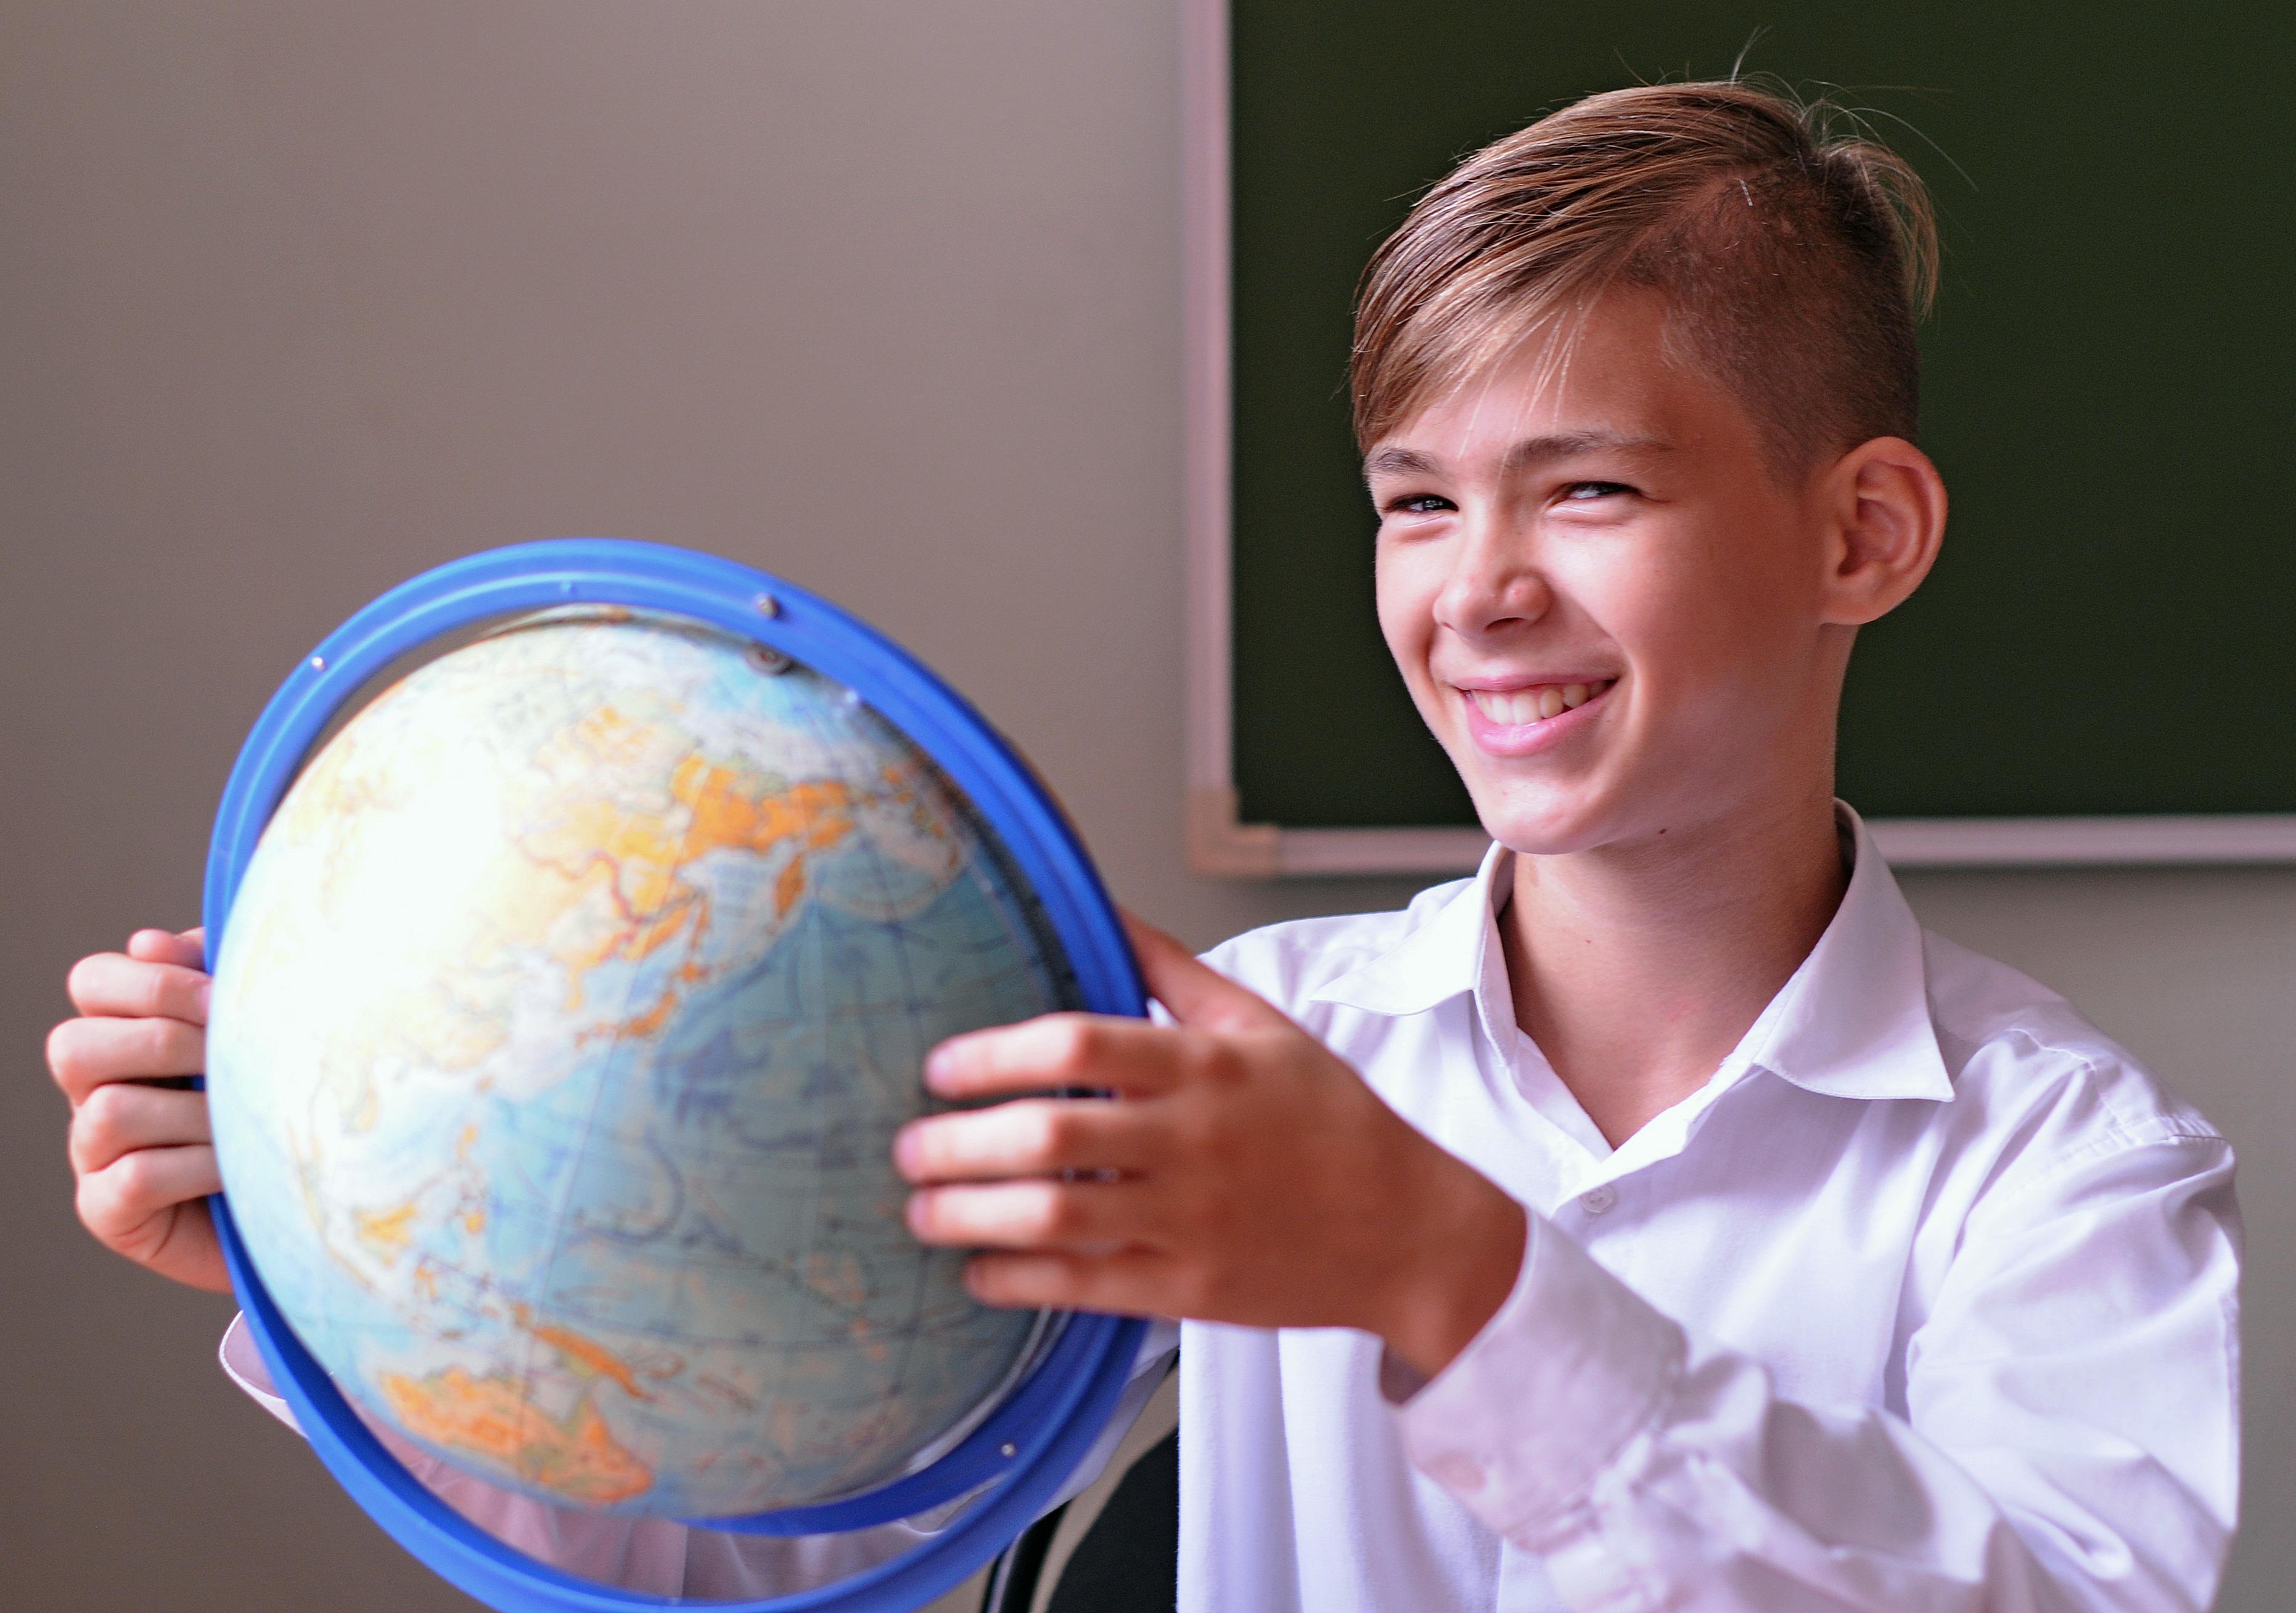 Онлайн-беседу для школьников проведут в Рязановском